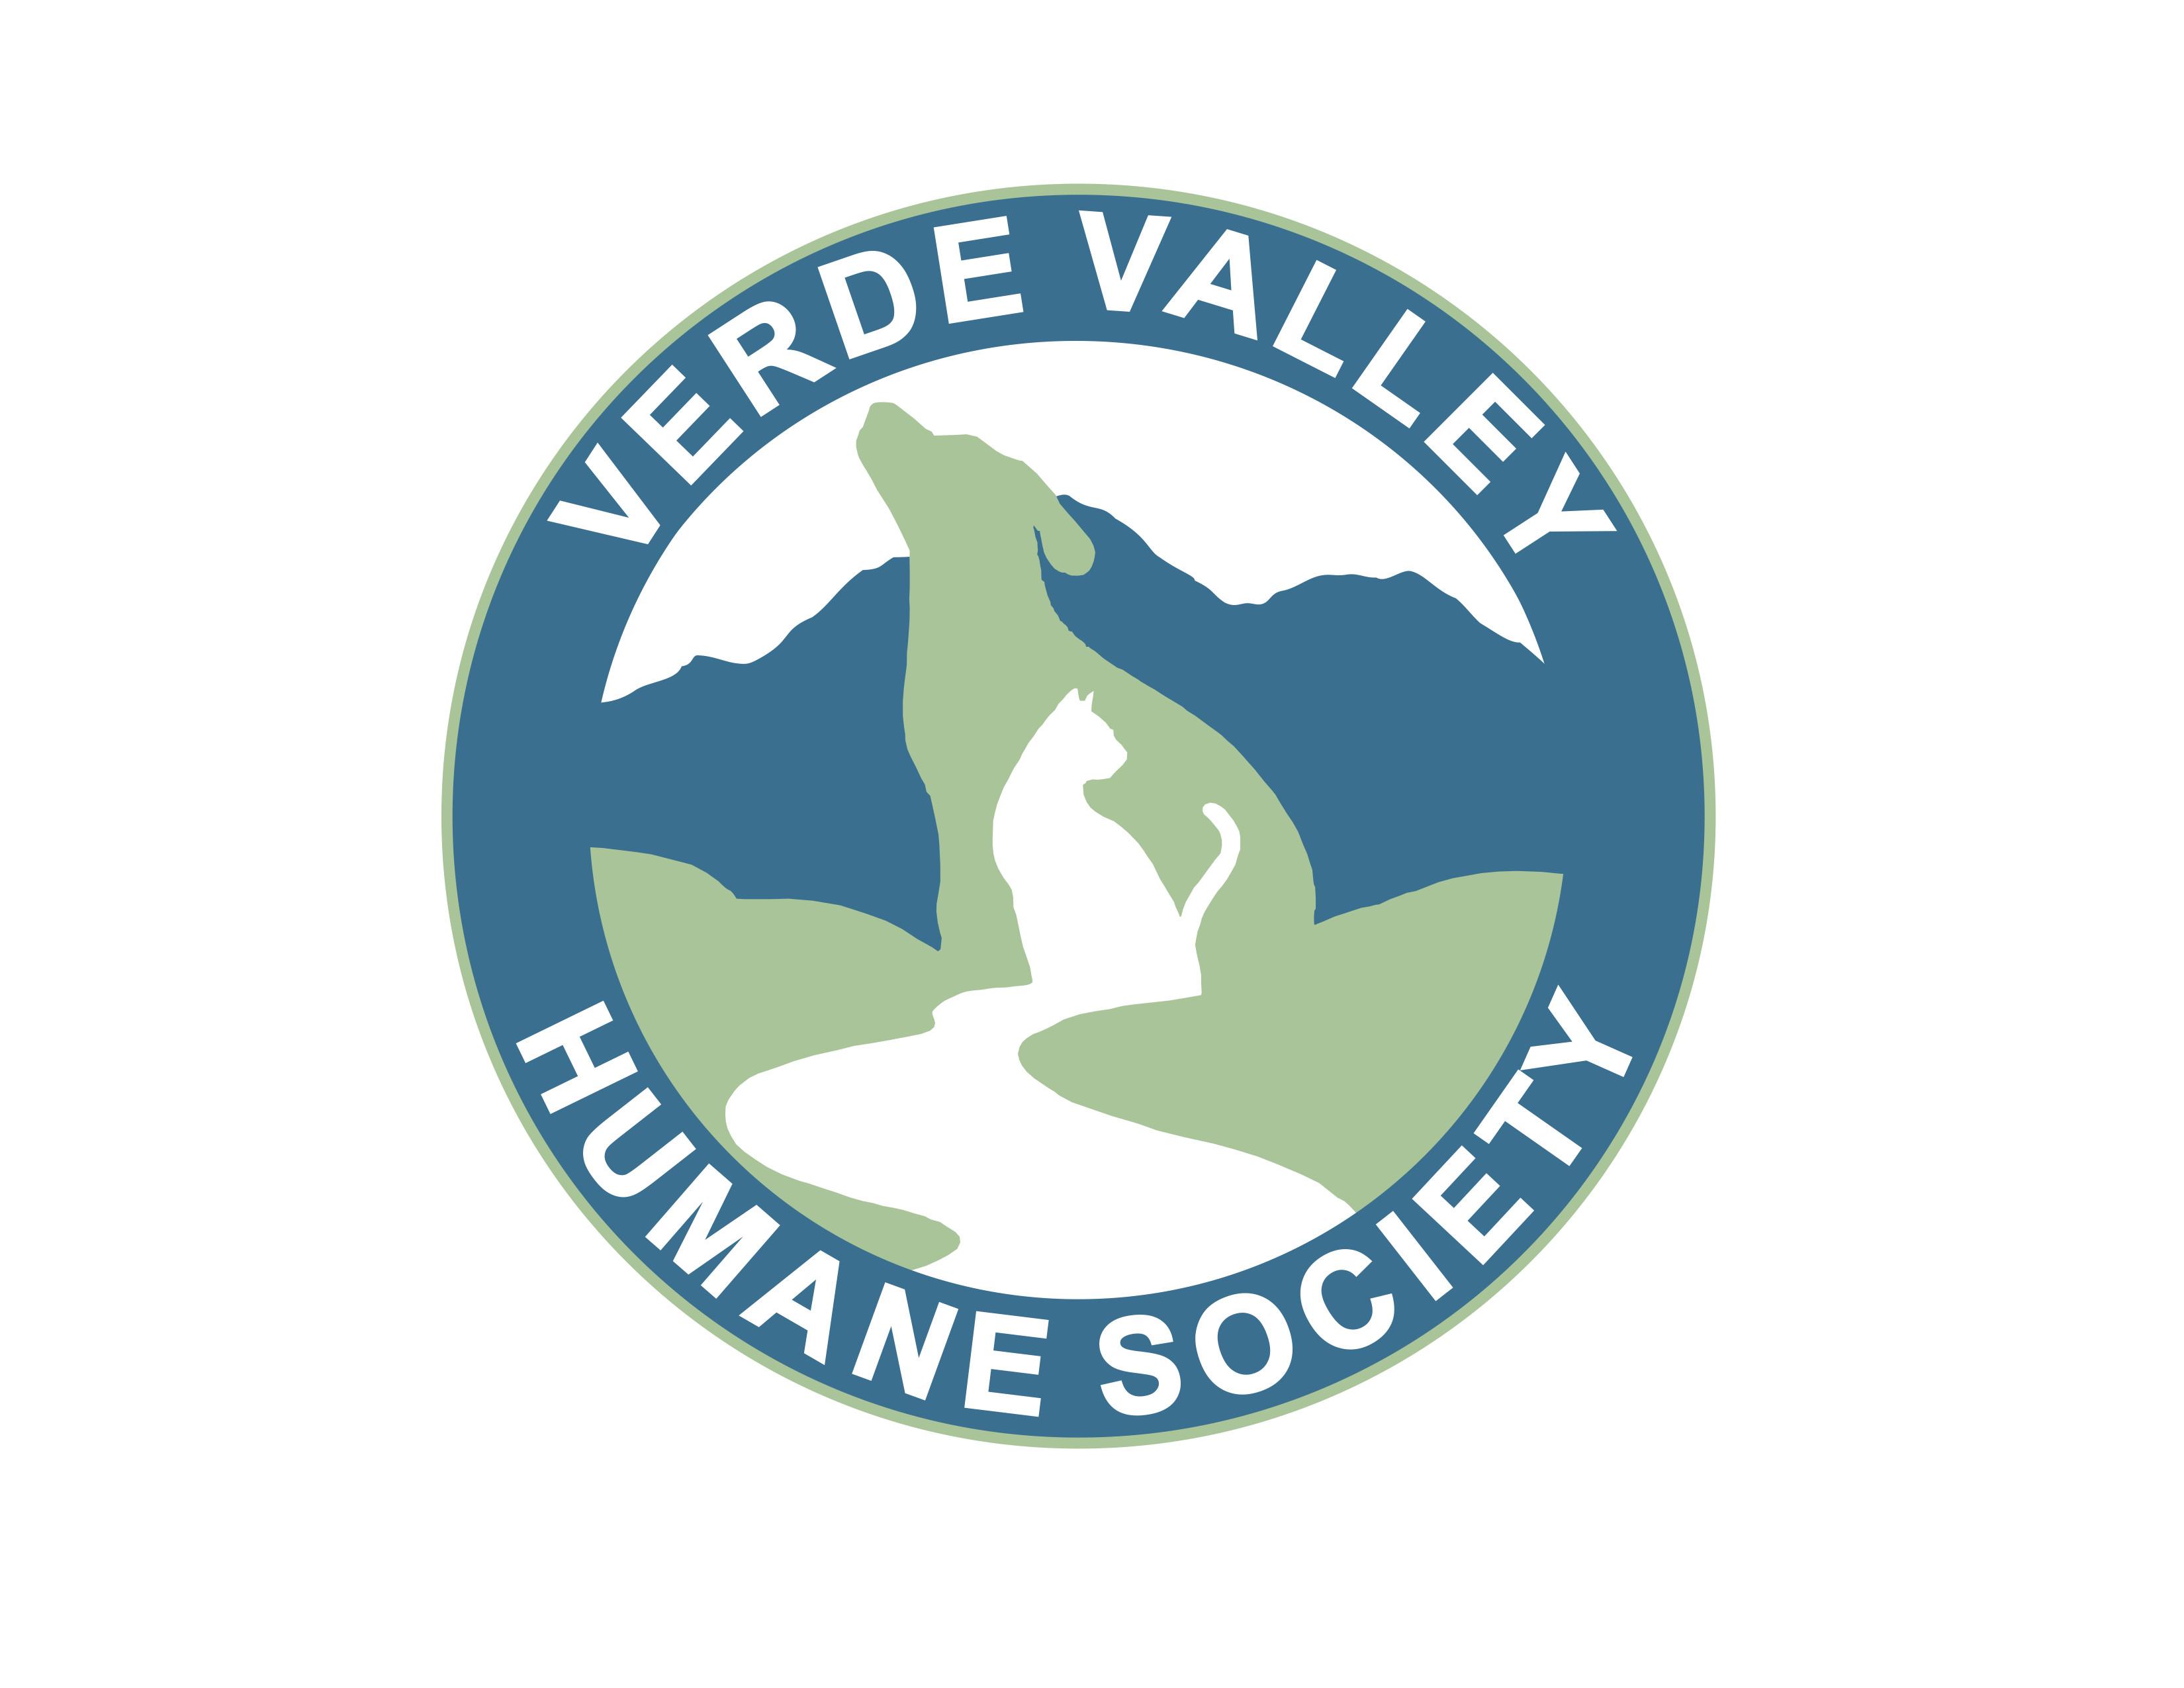 Verde Valley Humane Society